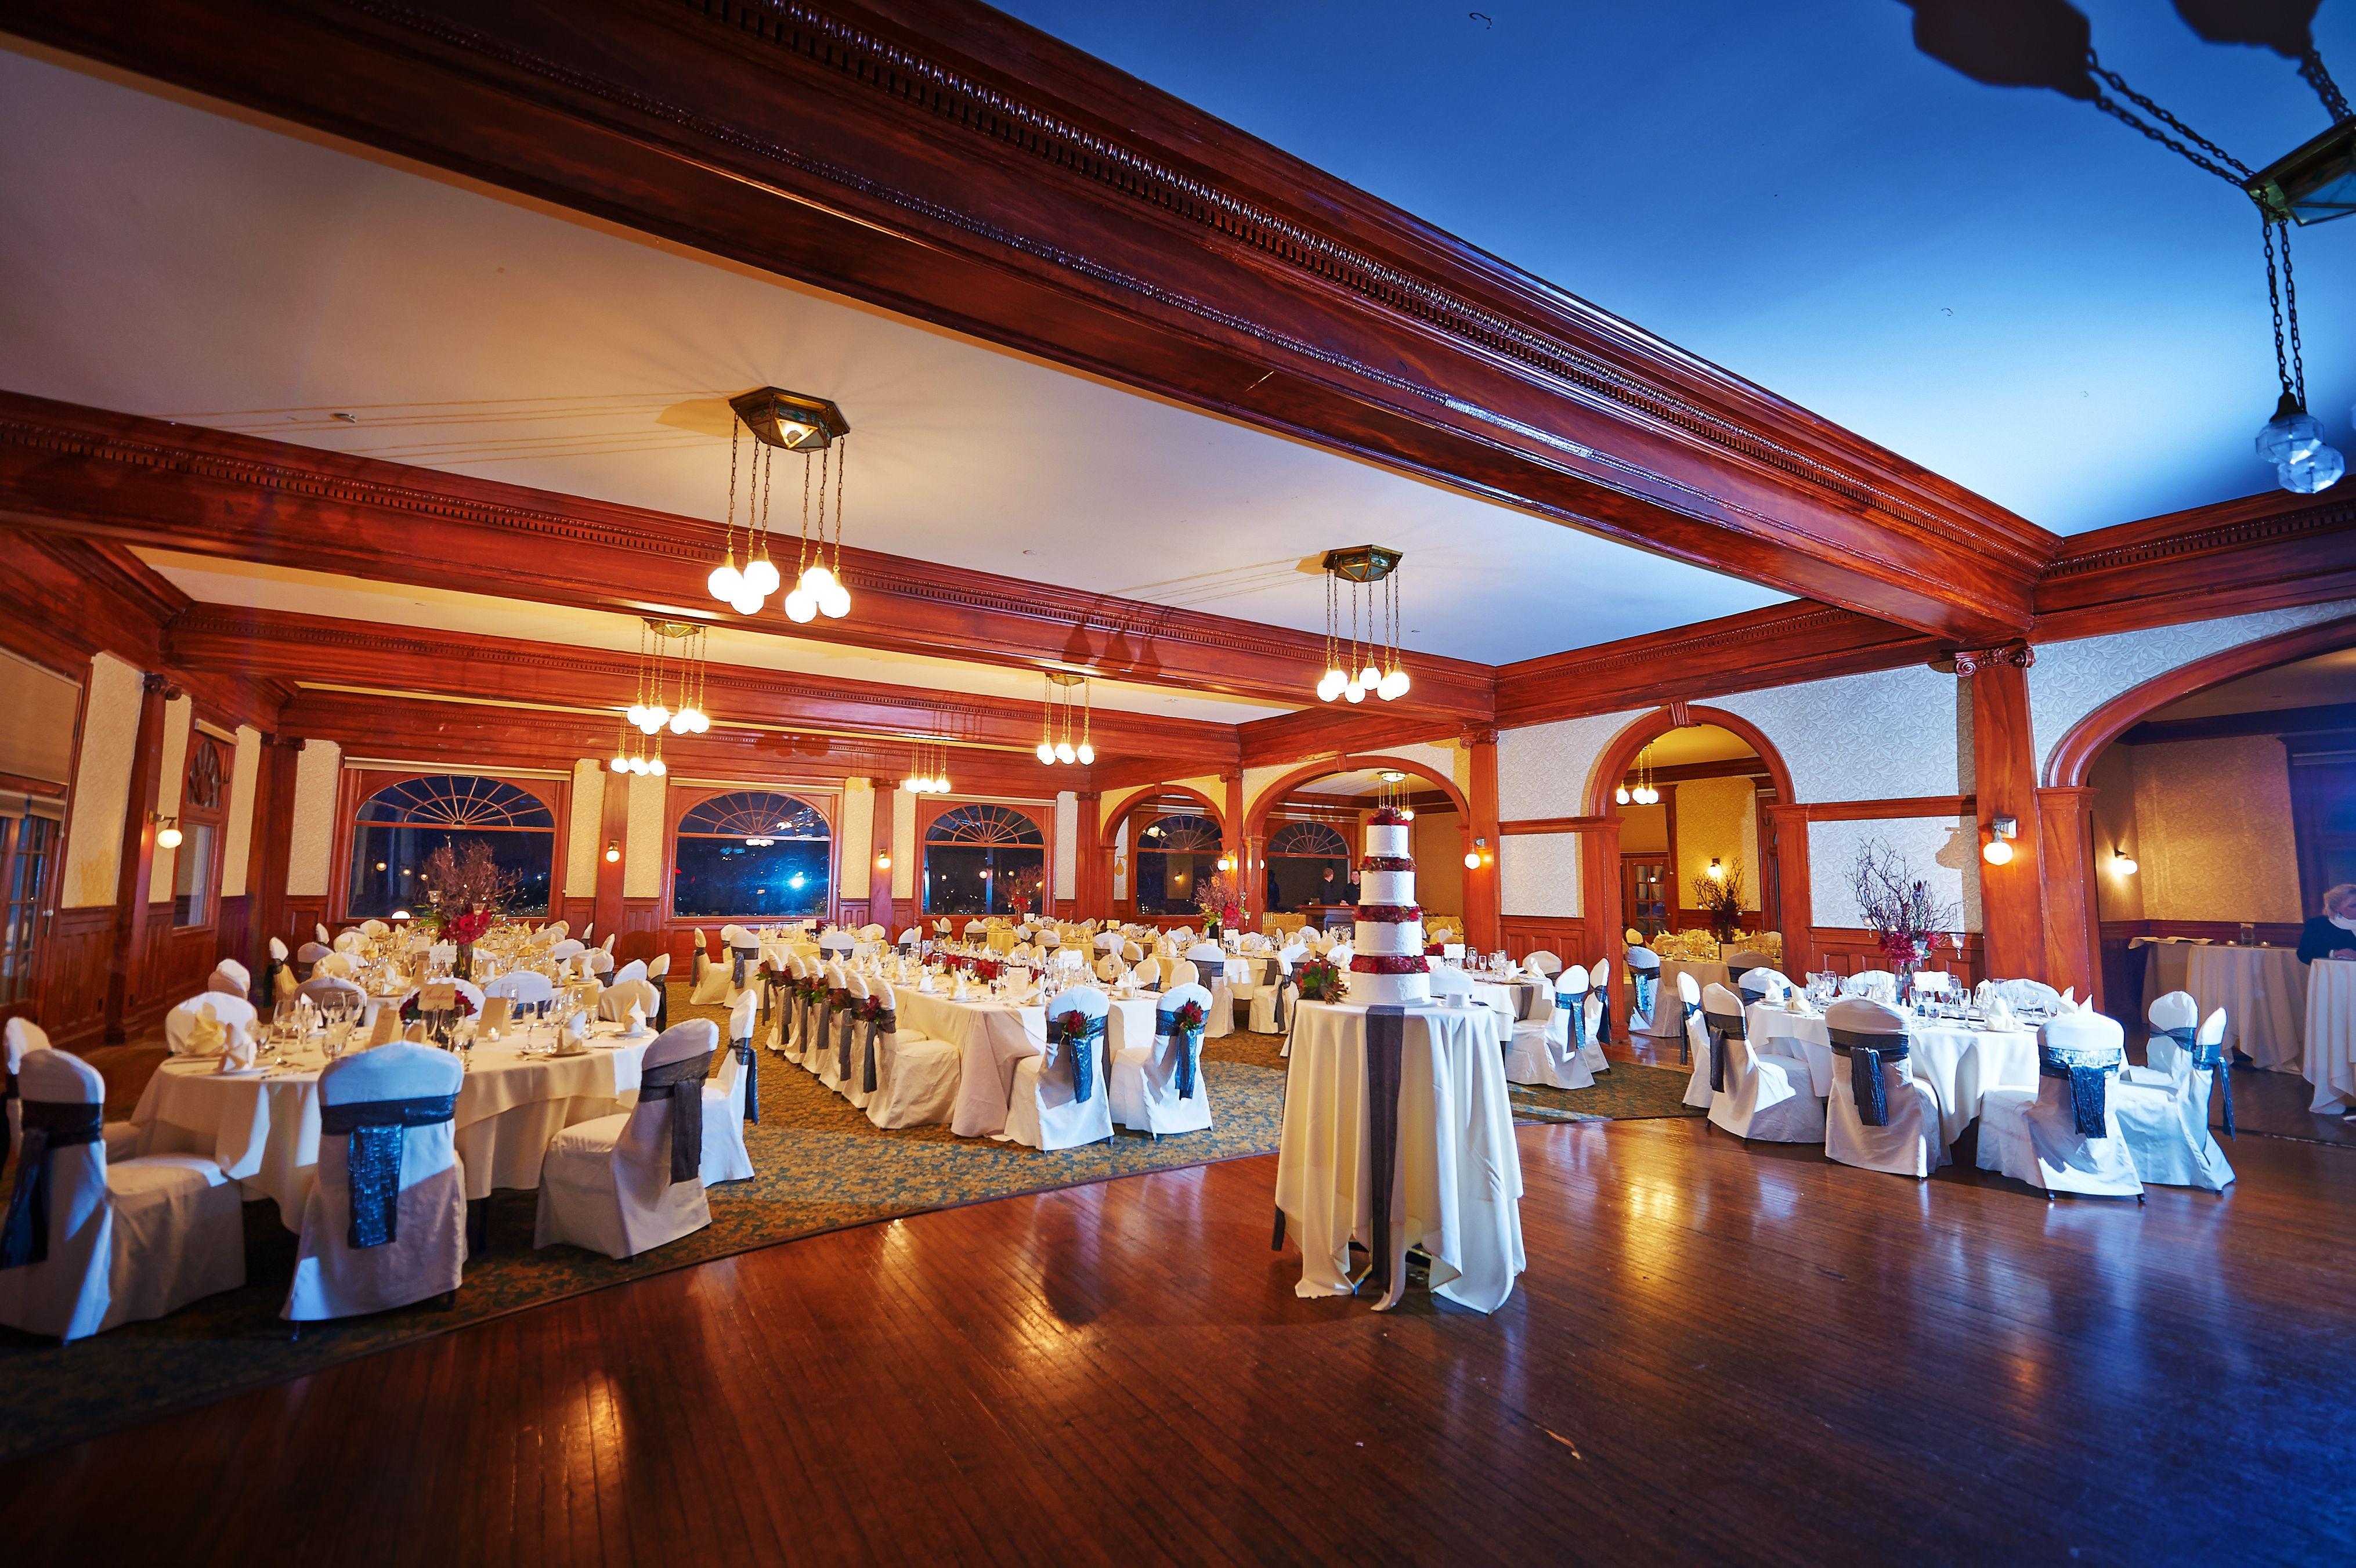 Concert Hall Patio Stanley Hotel In Estes Park 9705774018